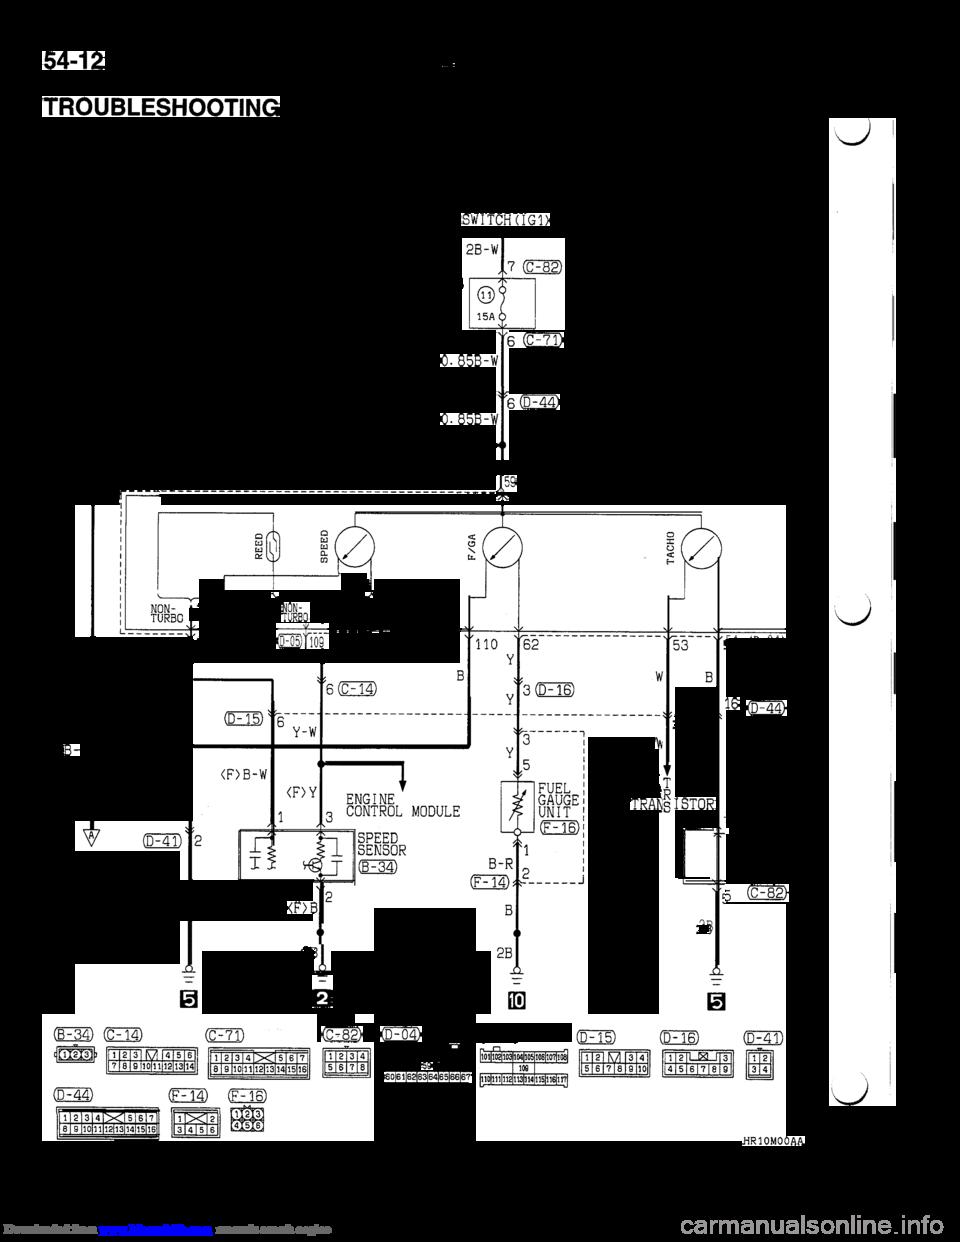 Mitsubishi 3000gt 1996 2g Workshop Manual 1991 Tachometer Wiring Diagram